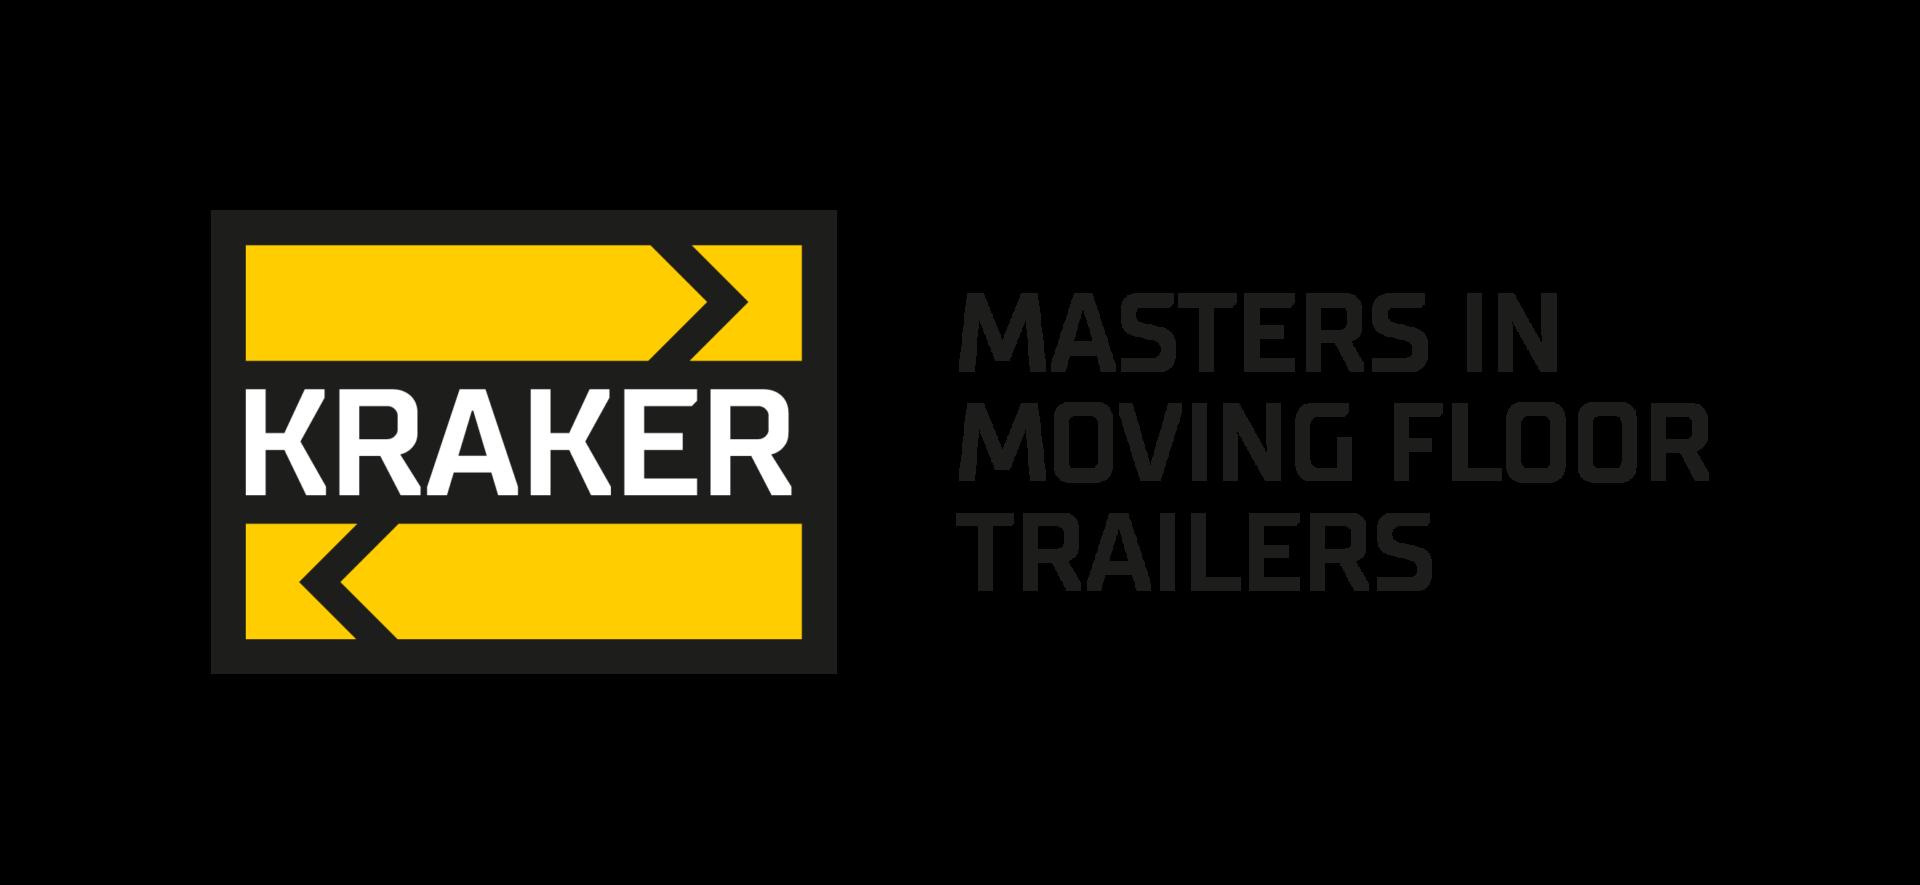 Kraker Trailers Axel B.V.